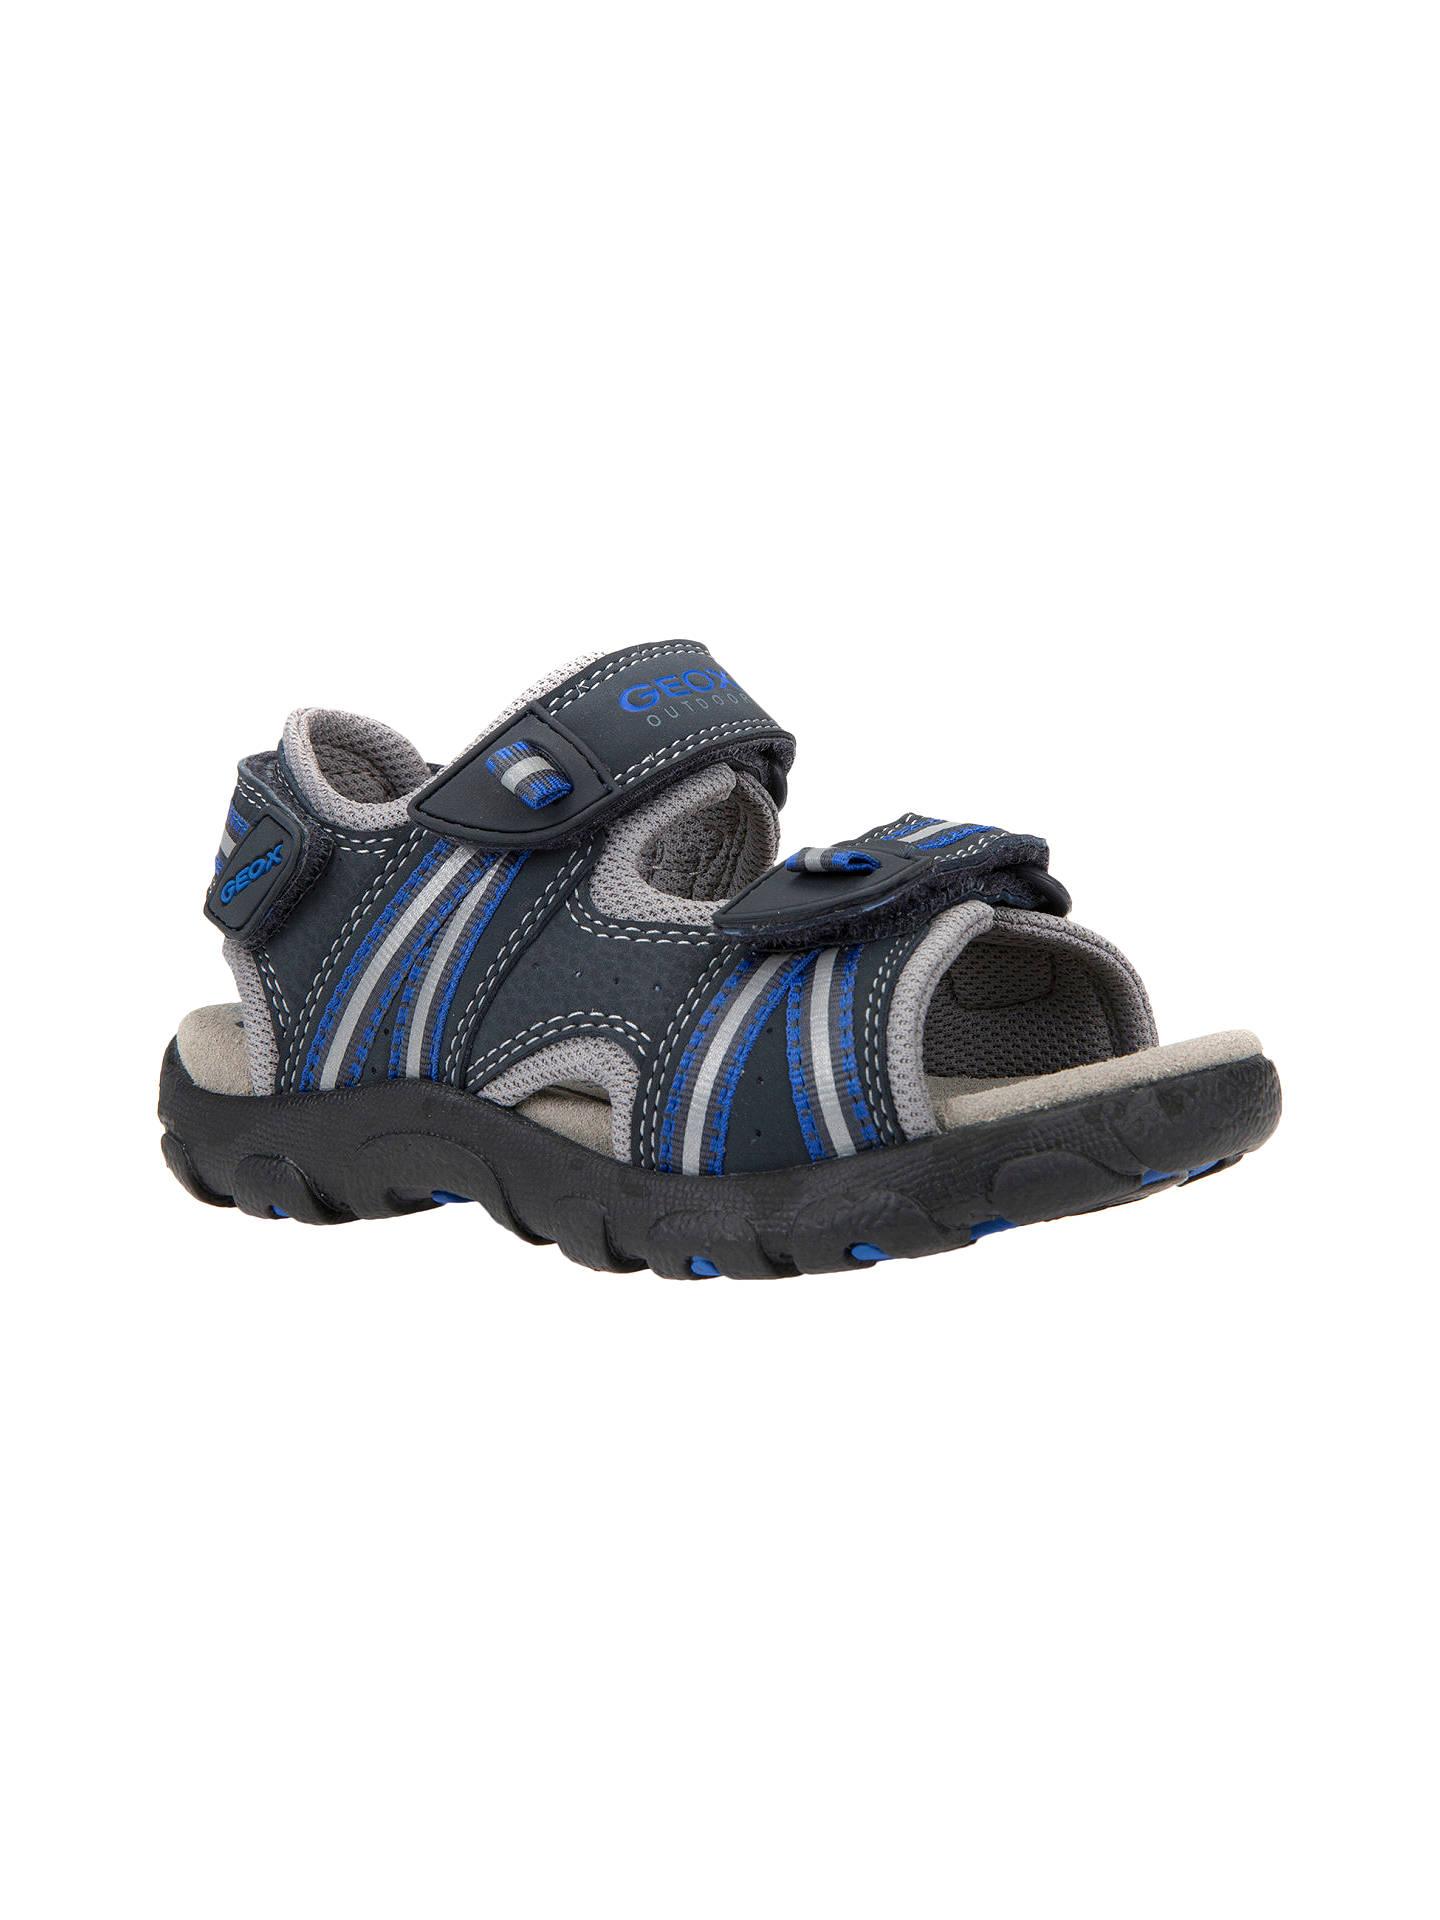 9c825a16874 ... Buy Geox Children's Junior Strada Sandals, Navy, 26 Online at  johnlewis. ...